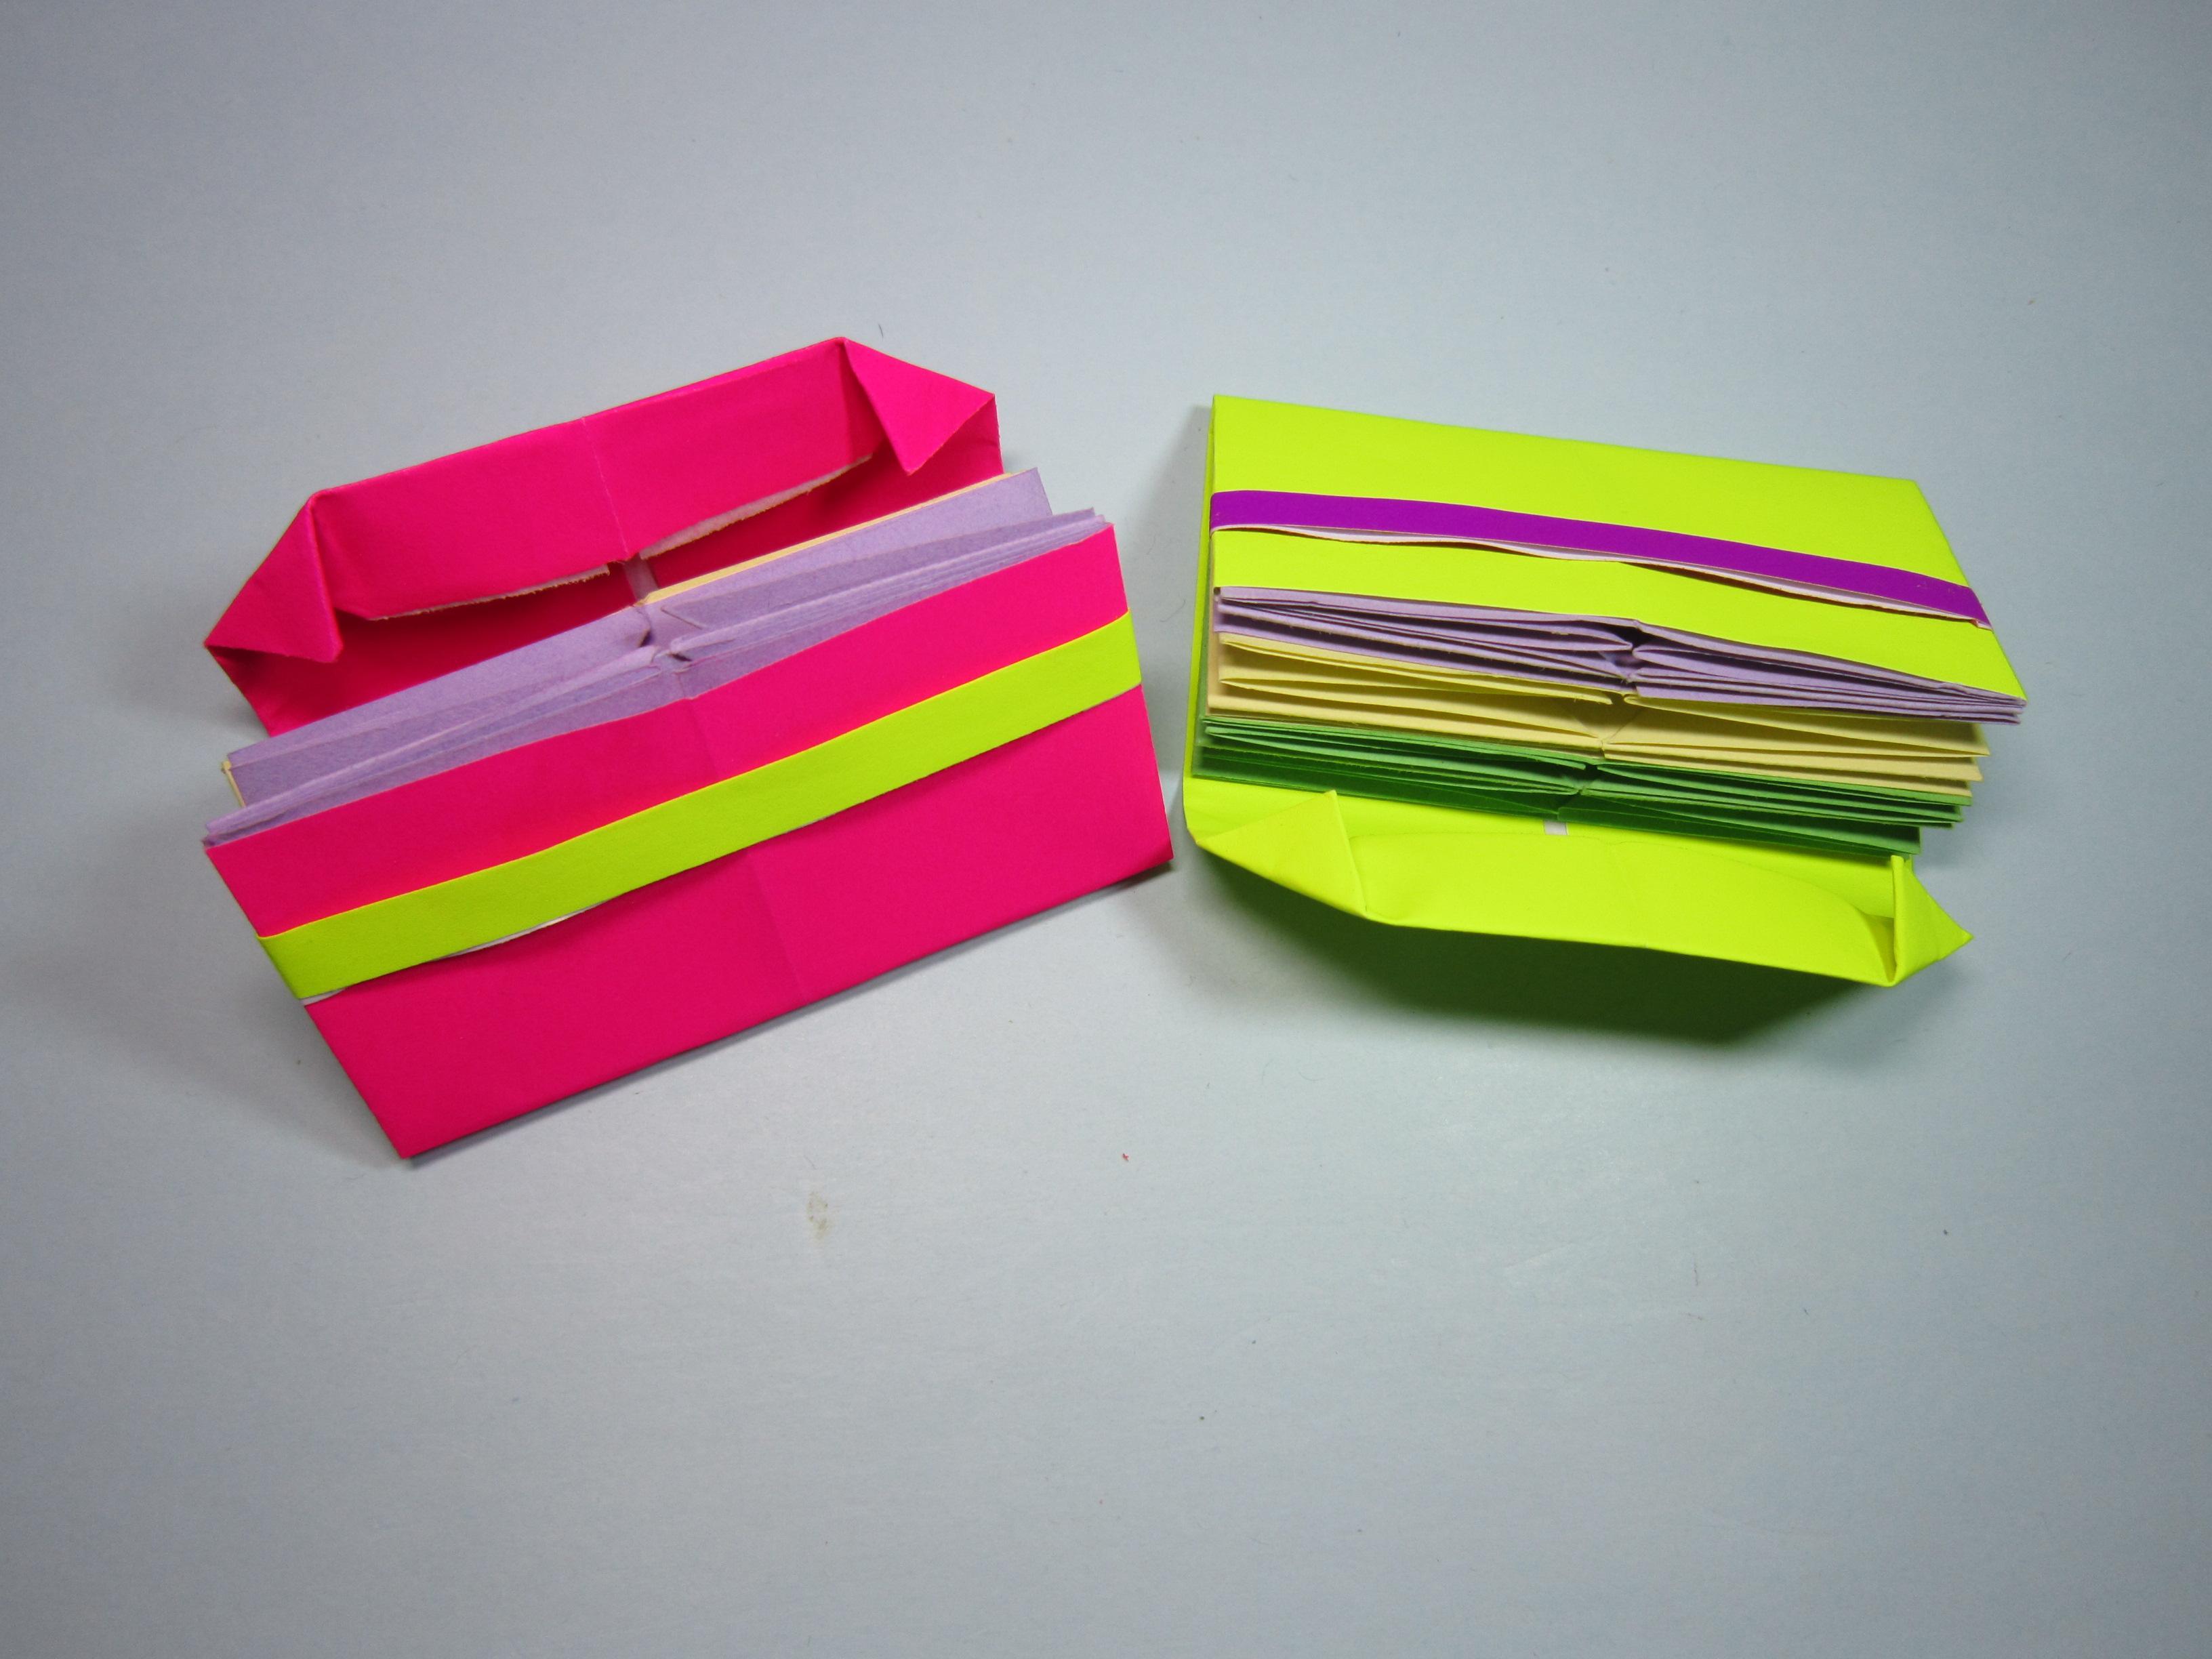 怎么折纸钱包,简单多层钱包的折法,diy手工制作